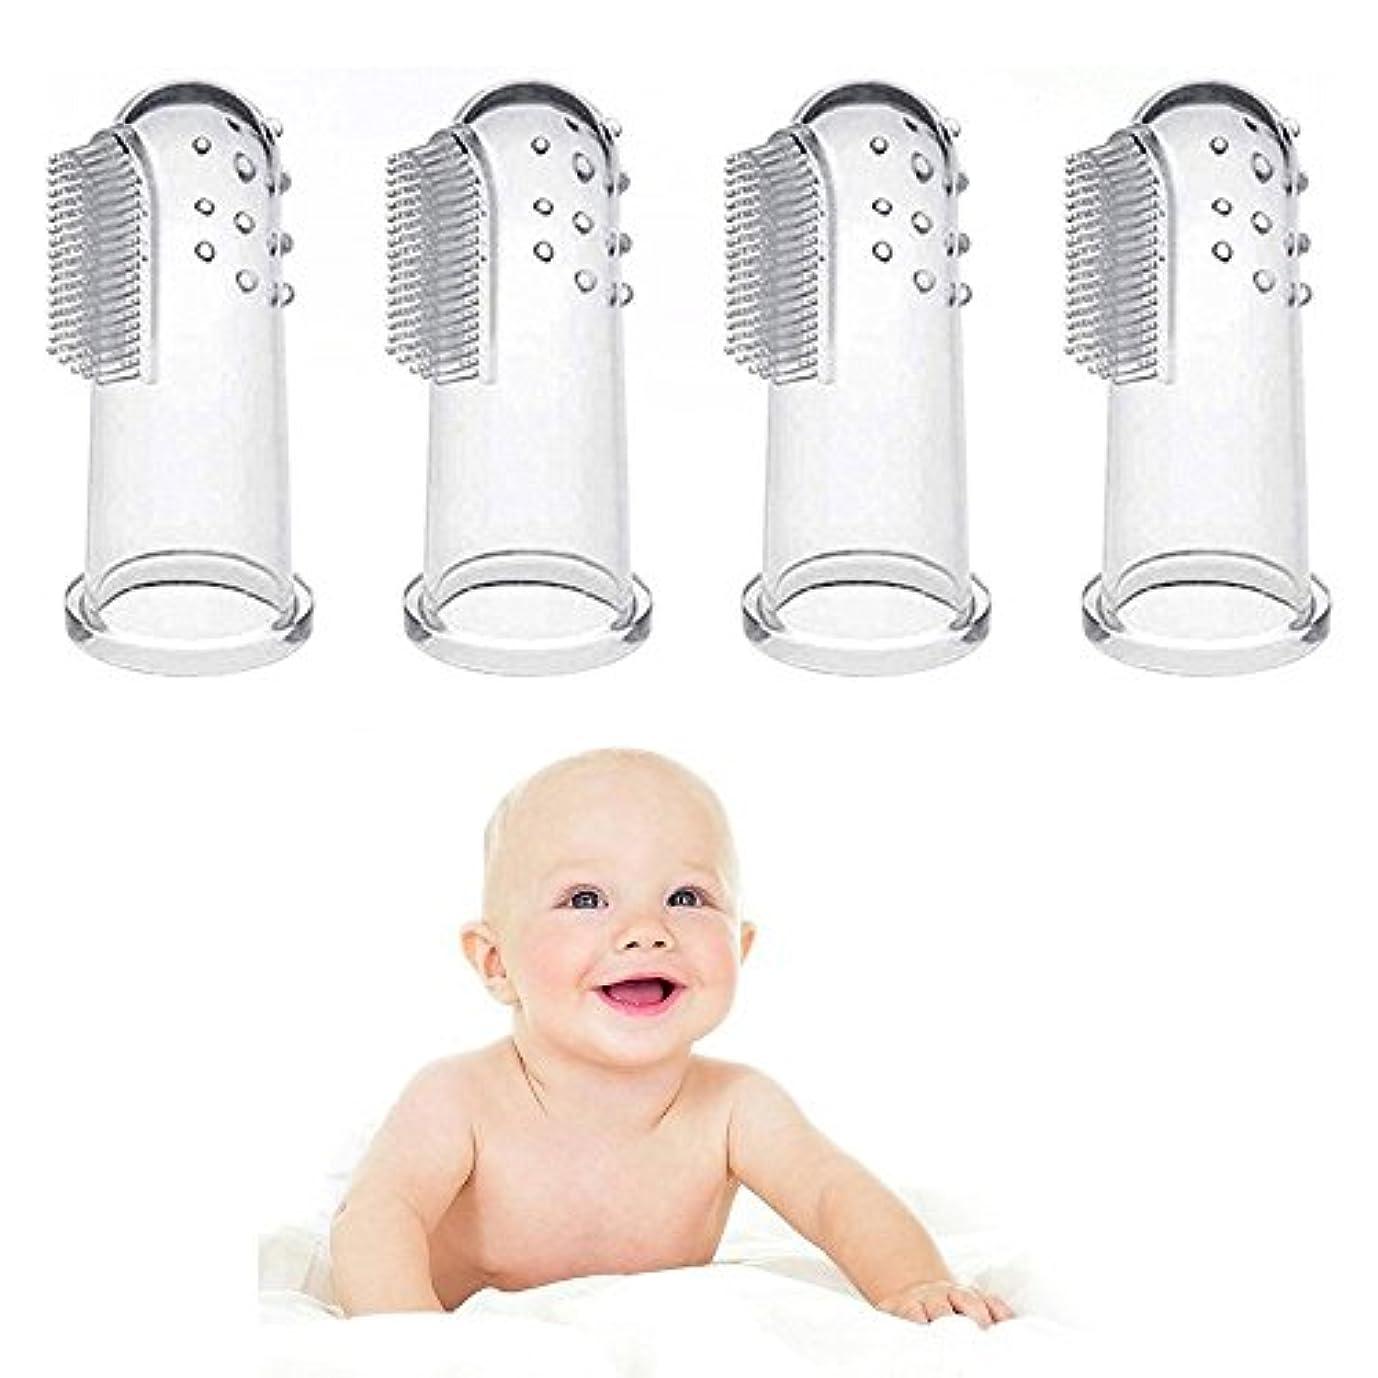 適格ラインナップマークダウン4 個入赤ちゃん指歯ブラシ、赤ちゃん食品グレード シリコーン歯ブラシ歯がため用指歯ブラシと赤ちゃん幼児子供の口腔マッサージ